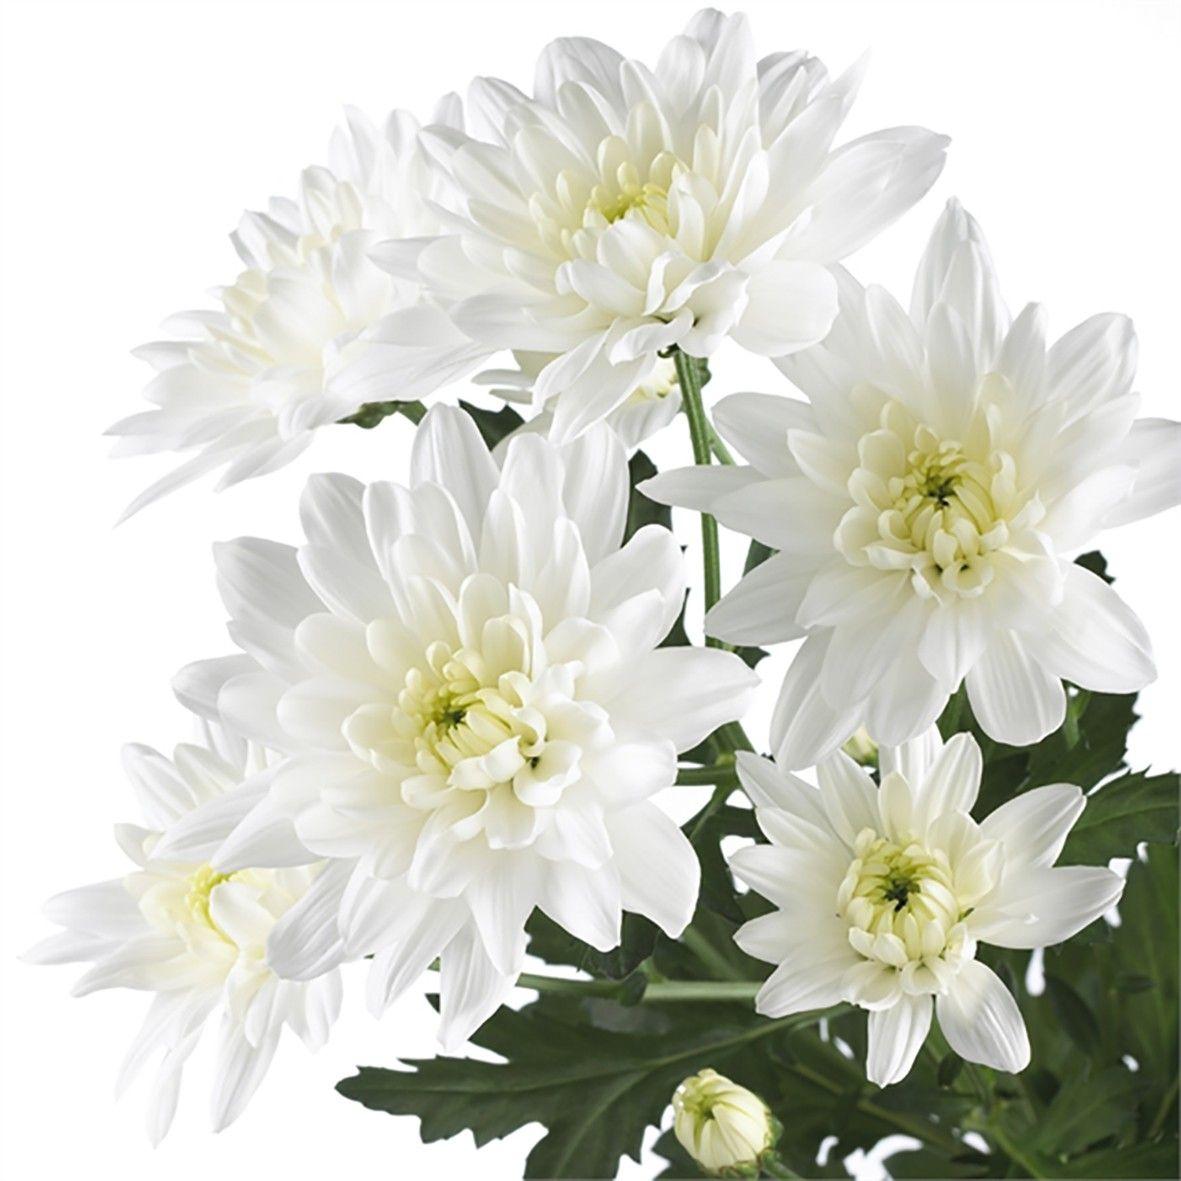 Хризантема белая кустовая 70 см высотой поштучно